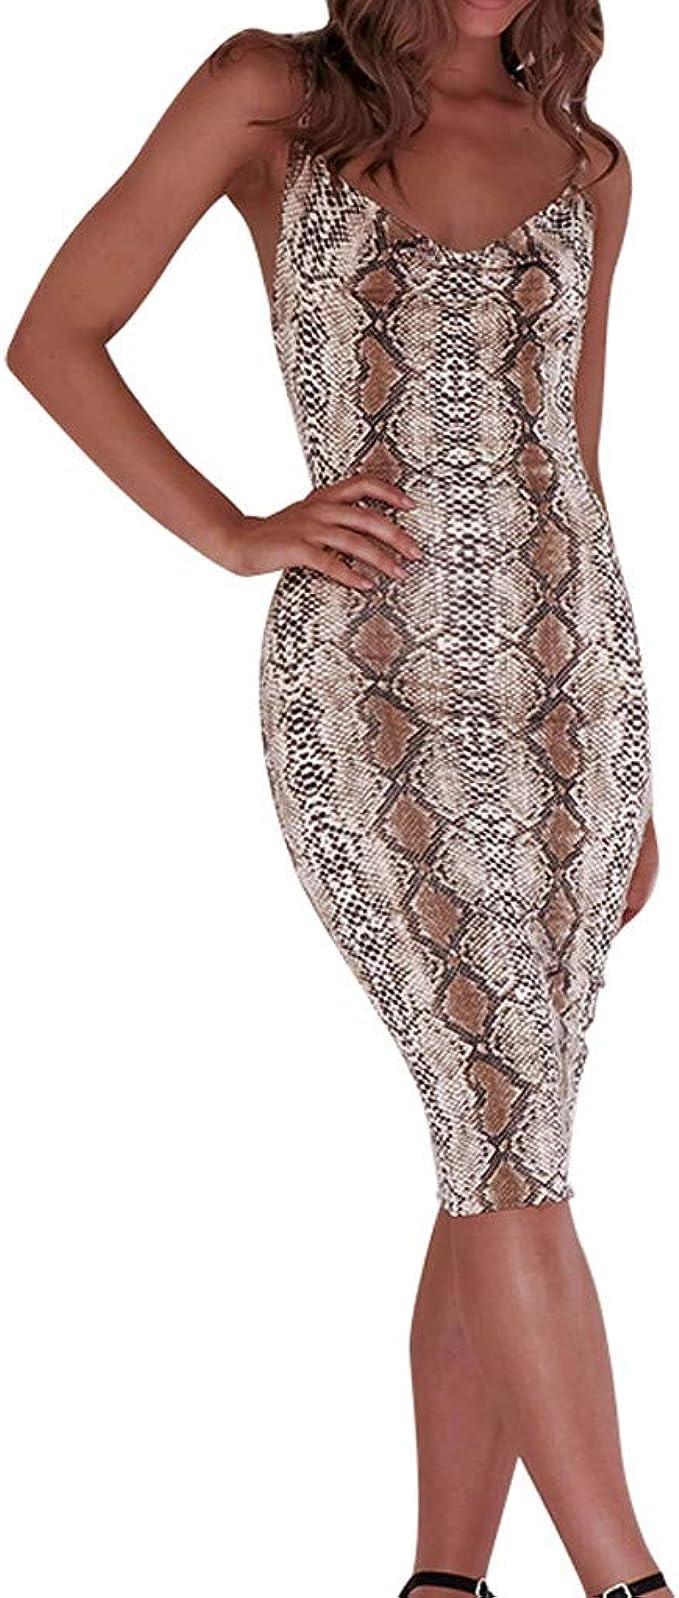 SCHOLIEBEN Kleid Kleider Sommerkleid Sommer Enges Damen Sexy Elegante  Schöne Knielang Abschlussball Leoaprd Bandeau V Ausschnitt Bodycon Tunika